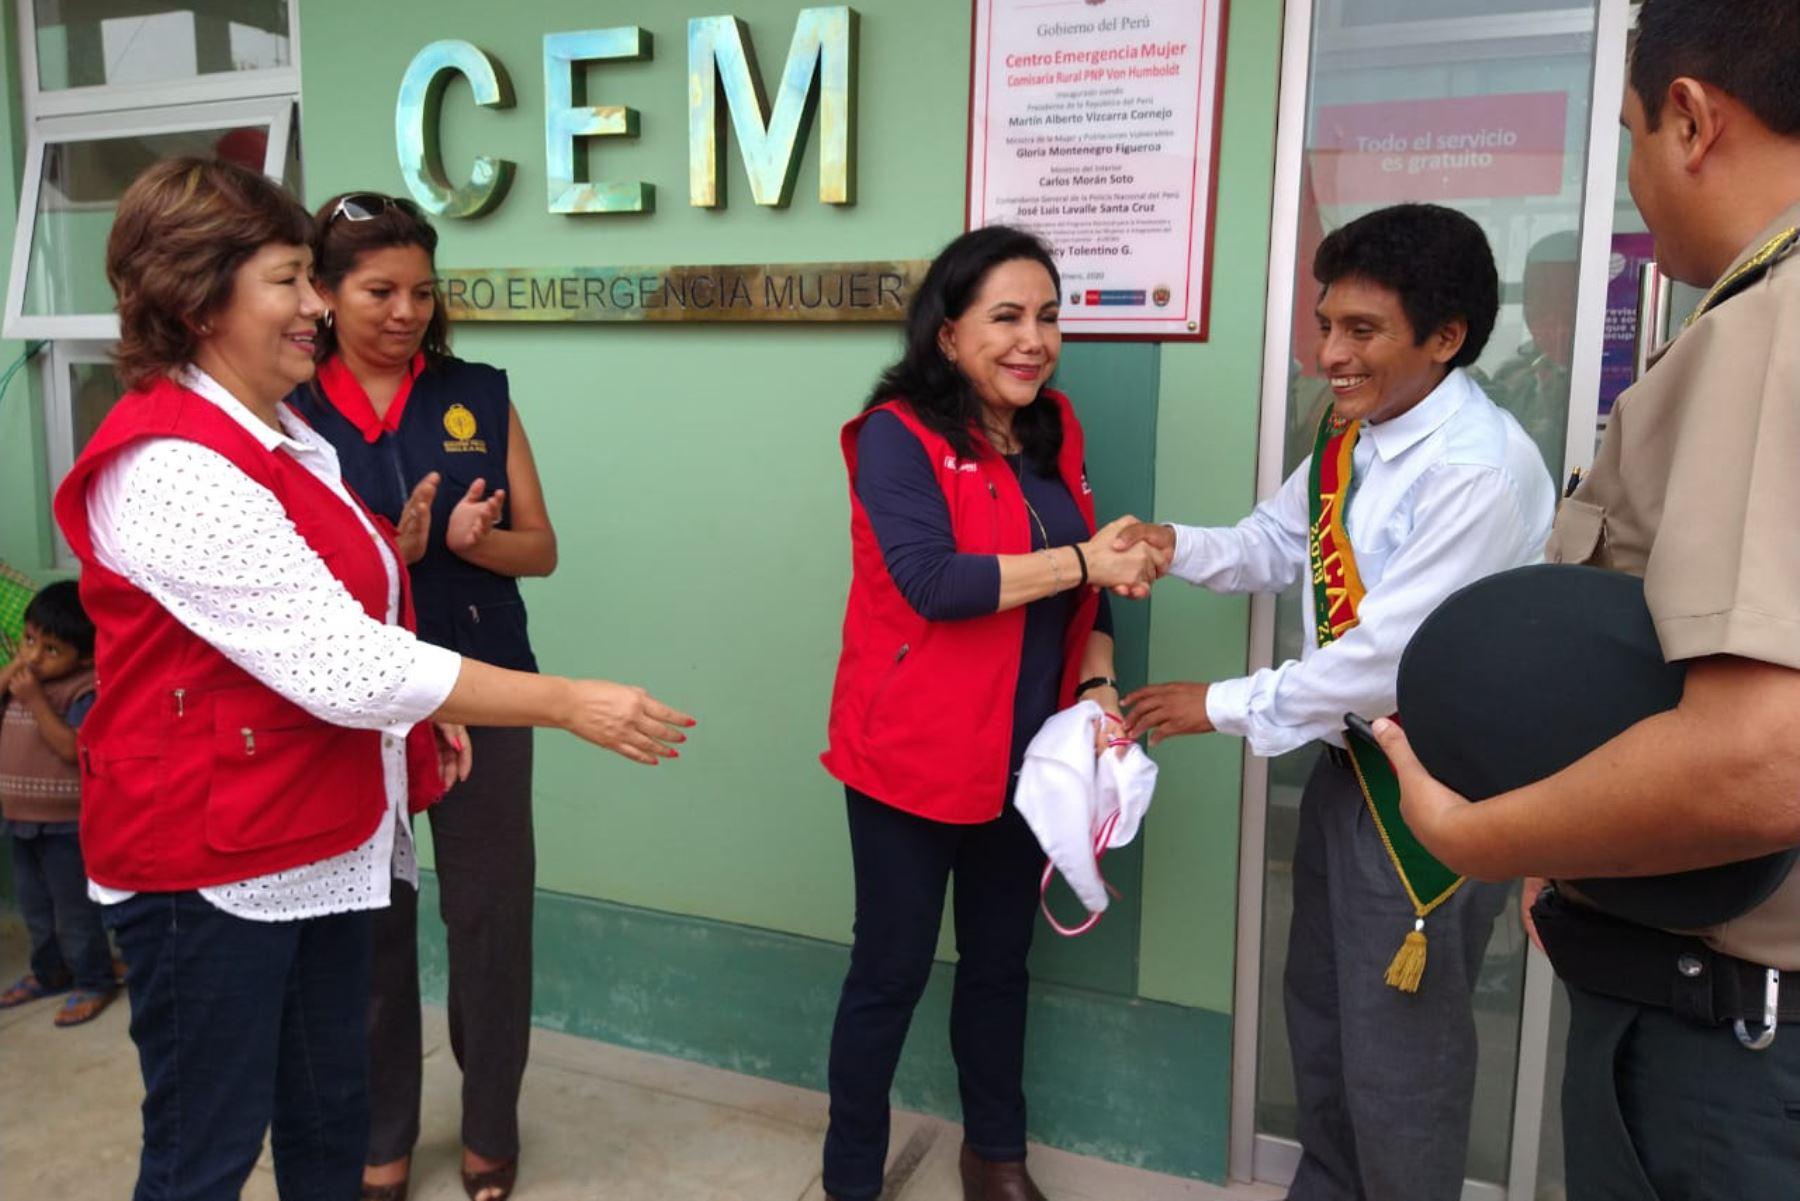 Ministerio de la Mujer inaugura servicio de atención y prevención de la violencia de género en Pucallpa, capital de Ucayali.